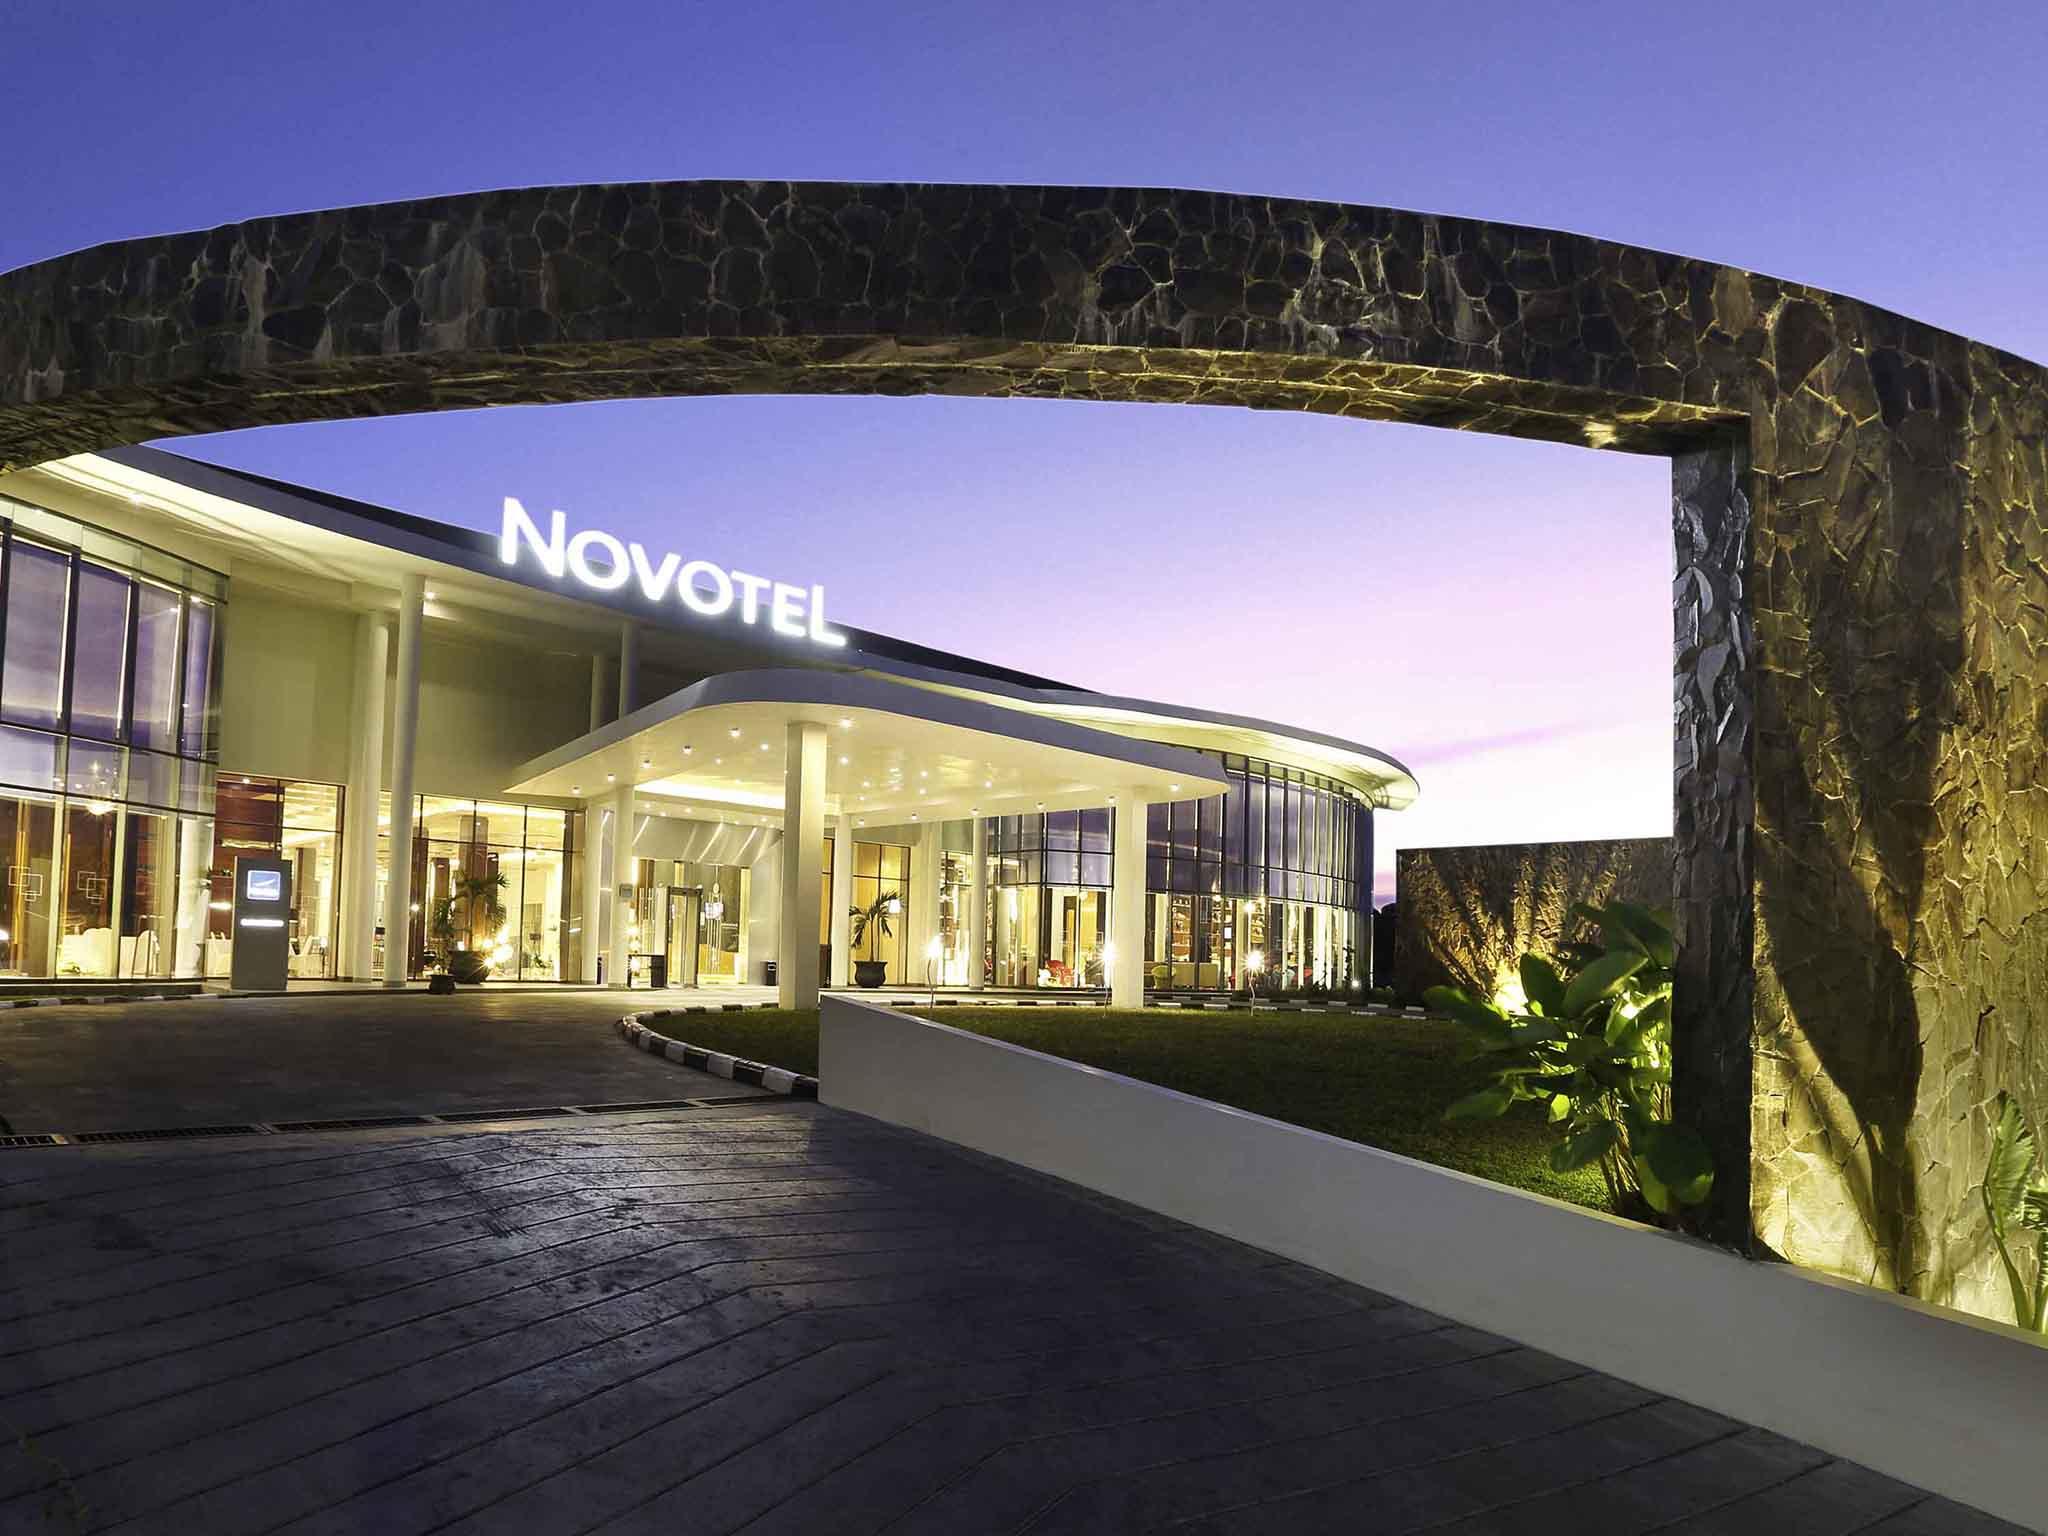 hotel in banjarmasin novotel banjarmasin airport rh accorhotels com Dekat People Etsy Ran Dekat Di Hati